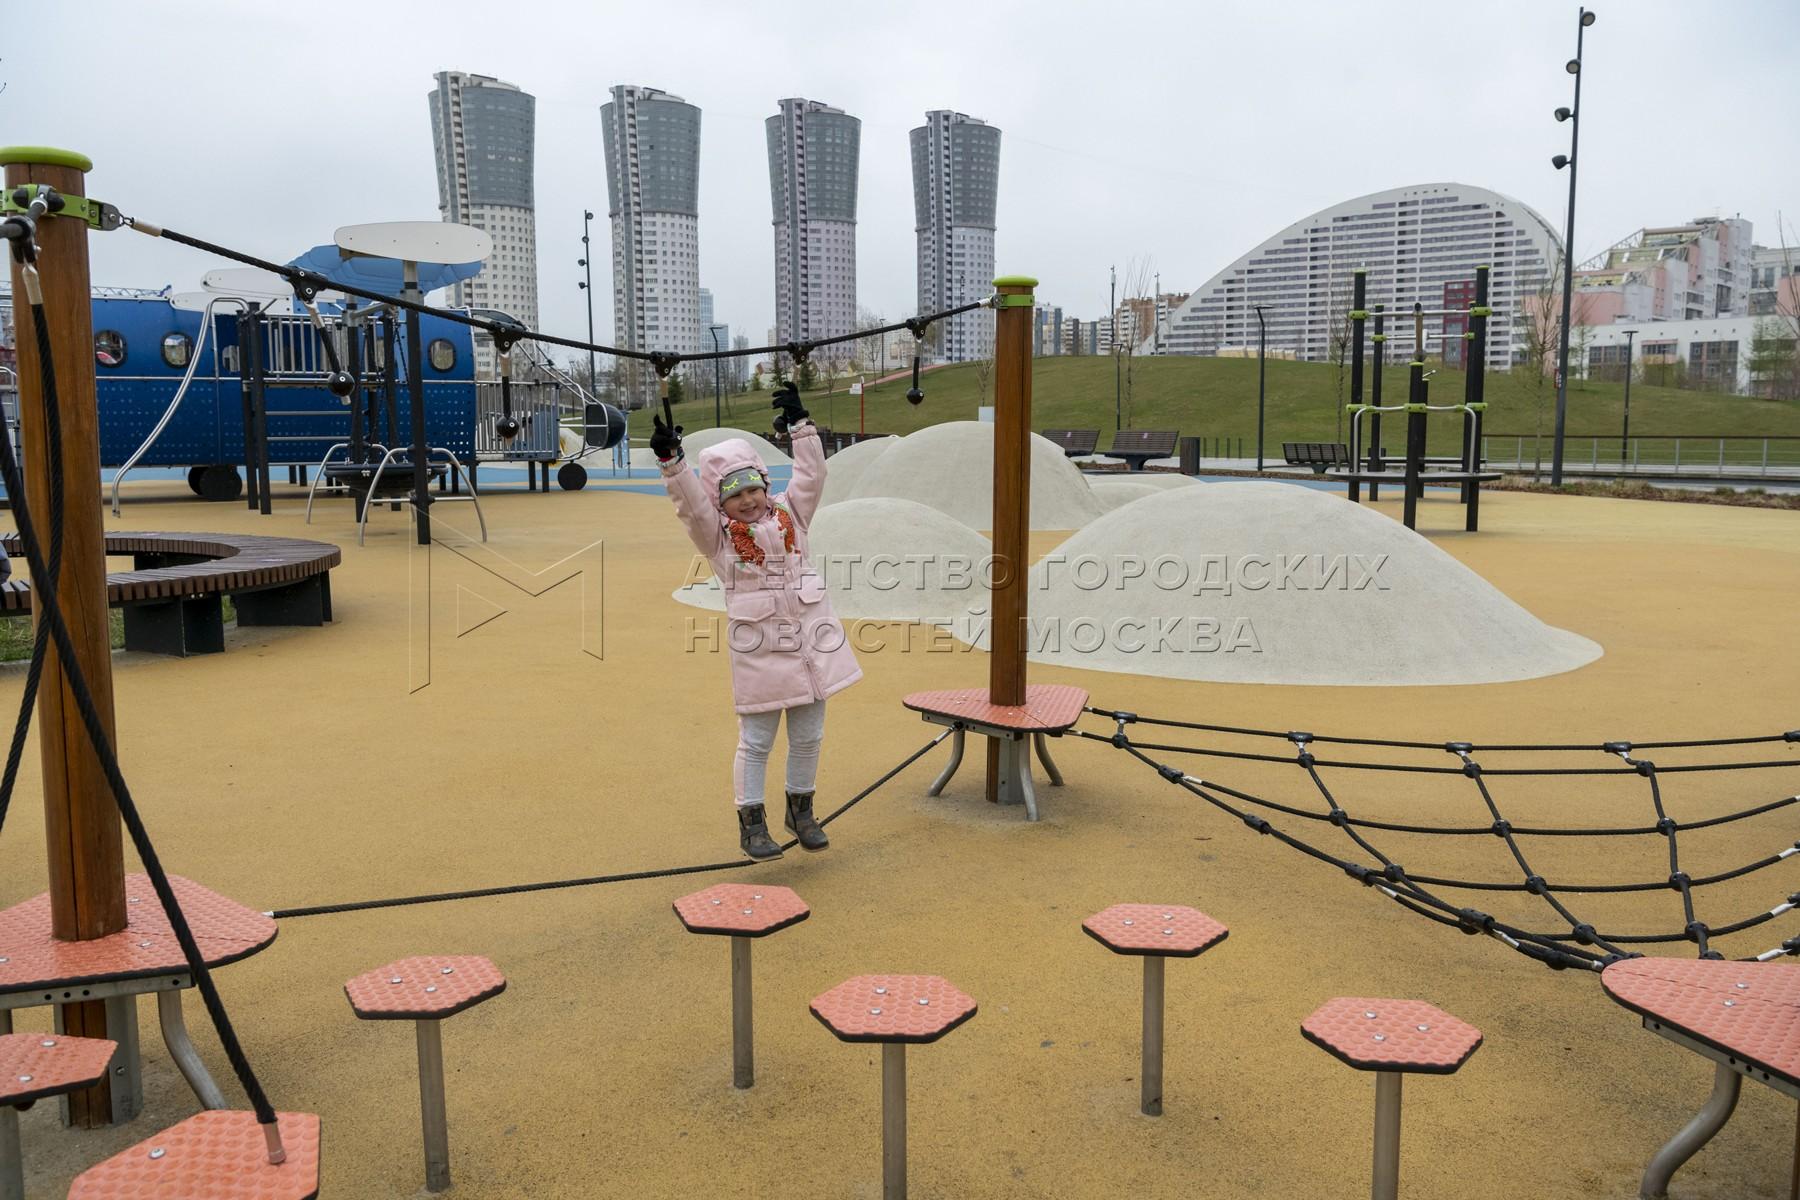 Открытие сезона фонтанов в столице, в парке «Ходынское поле». Фото: Владимир Новиков, пресс-служба мэра и правительства.